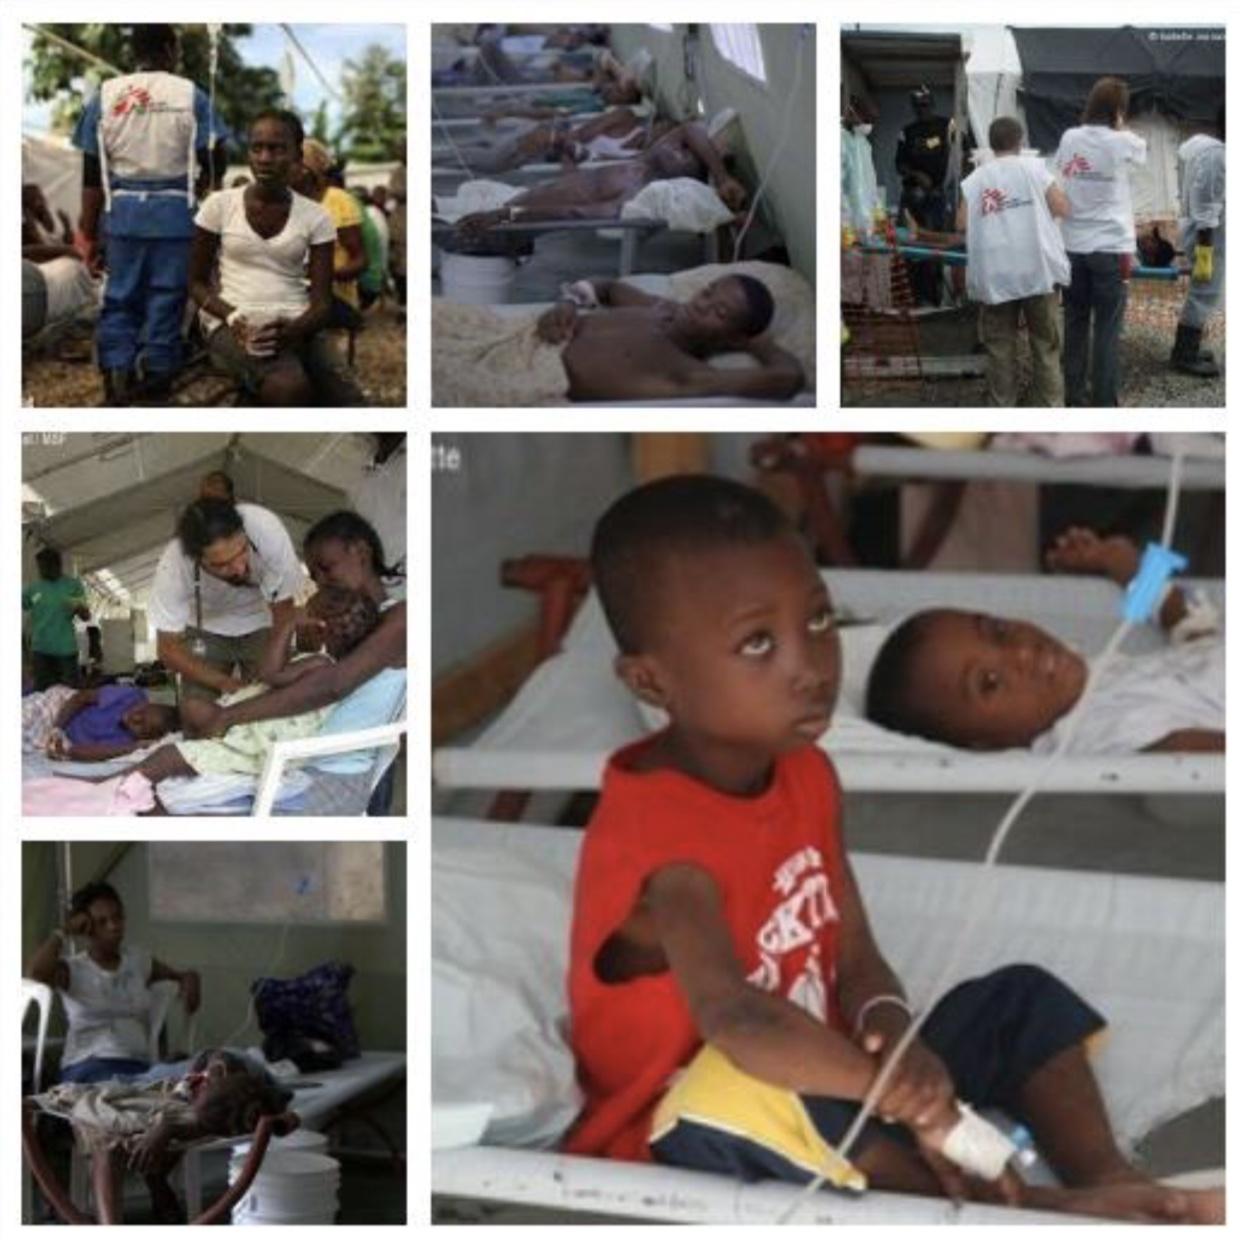 Il colera a Haiti: richieste di aiuto (di A. Porcu, E. Pintor, E. Sarritzu)